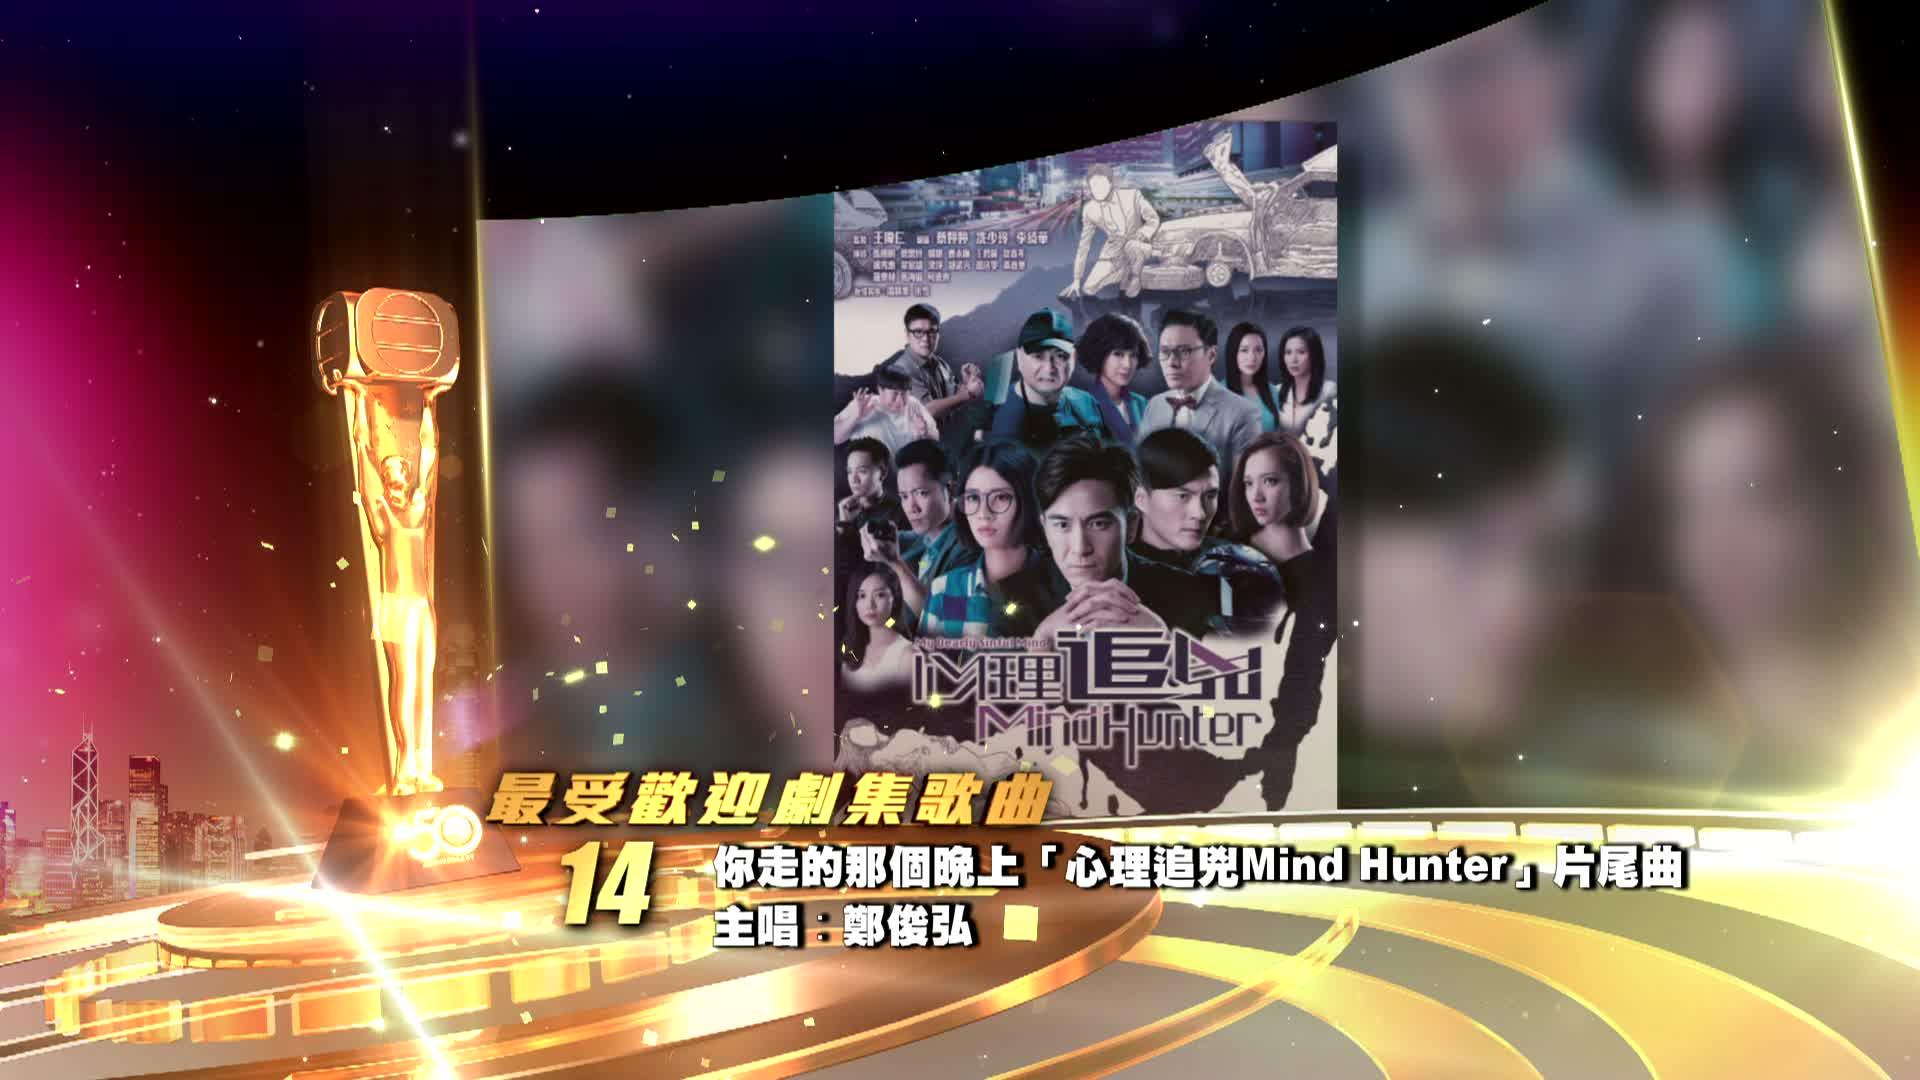 14. 鄭俊弘-你走的那個晚上《心理追兇Mind Hunter》片尾曲